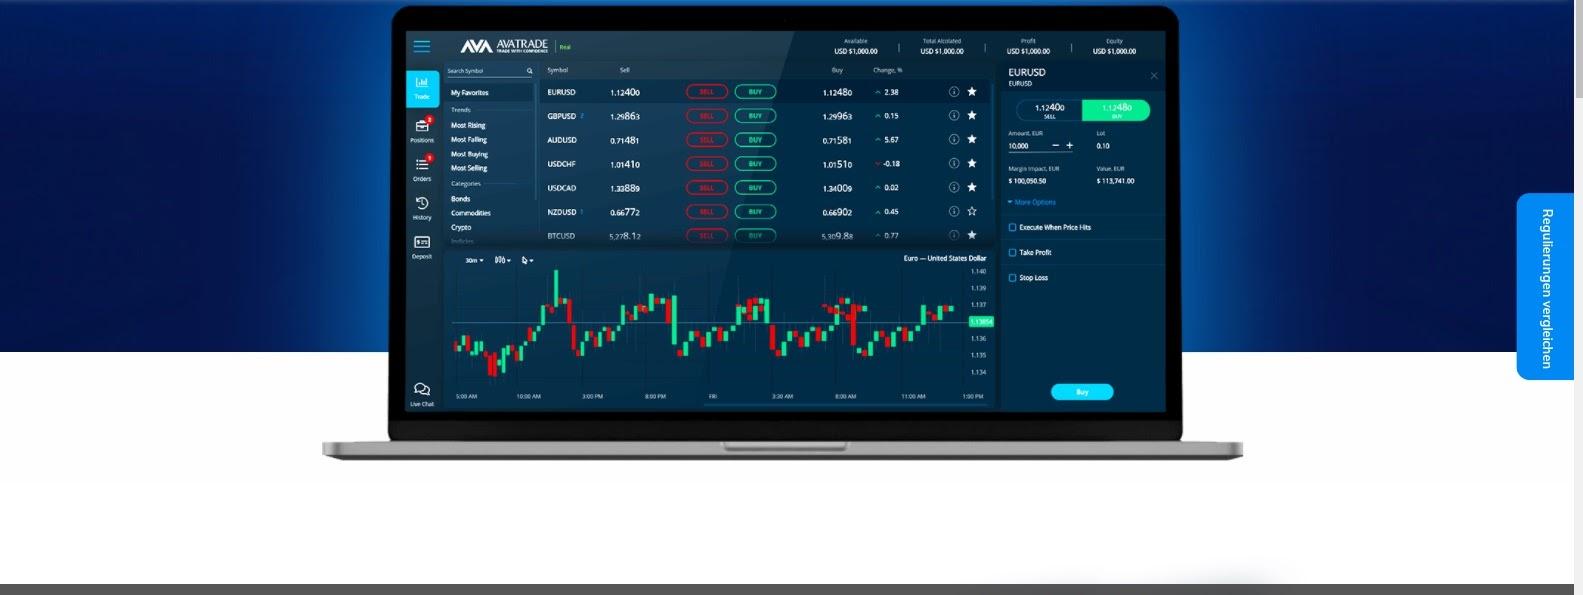 La plateforme de trading interne d'AvaTrade est également disponible sous forme d'application